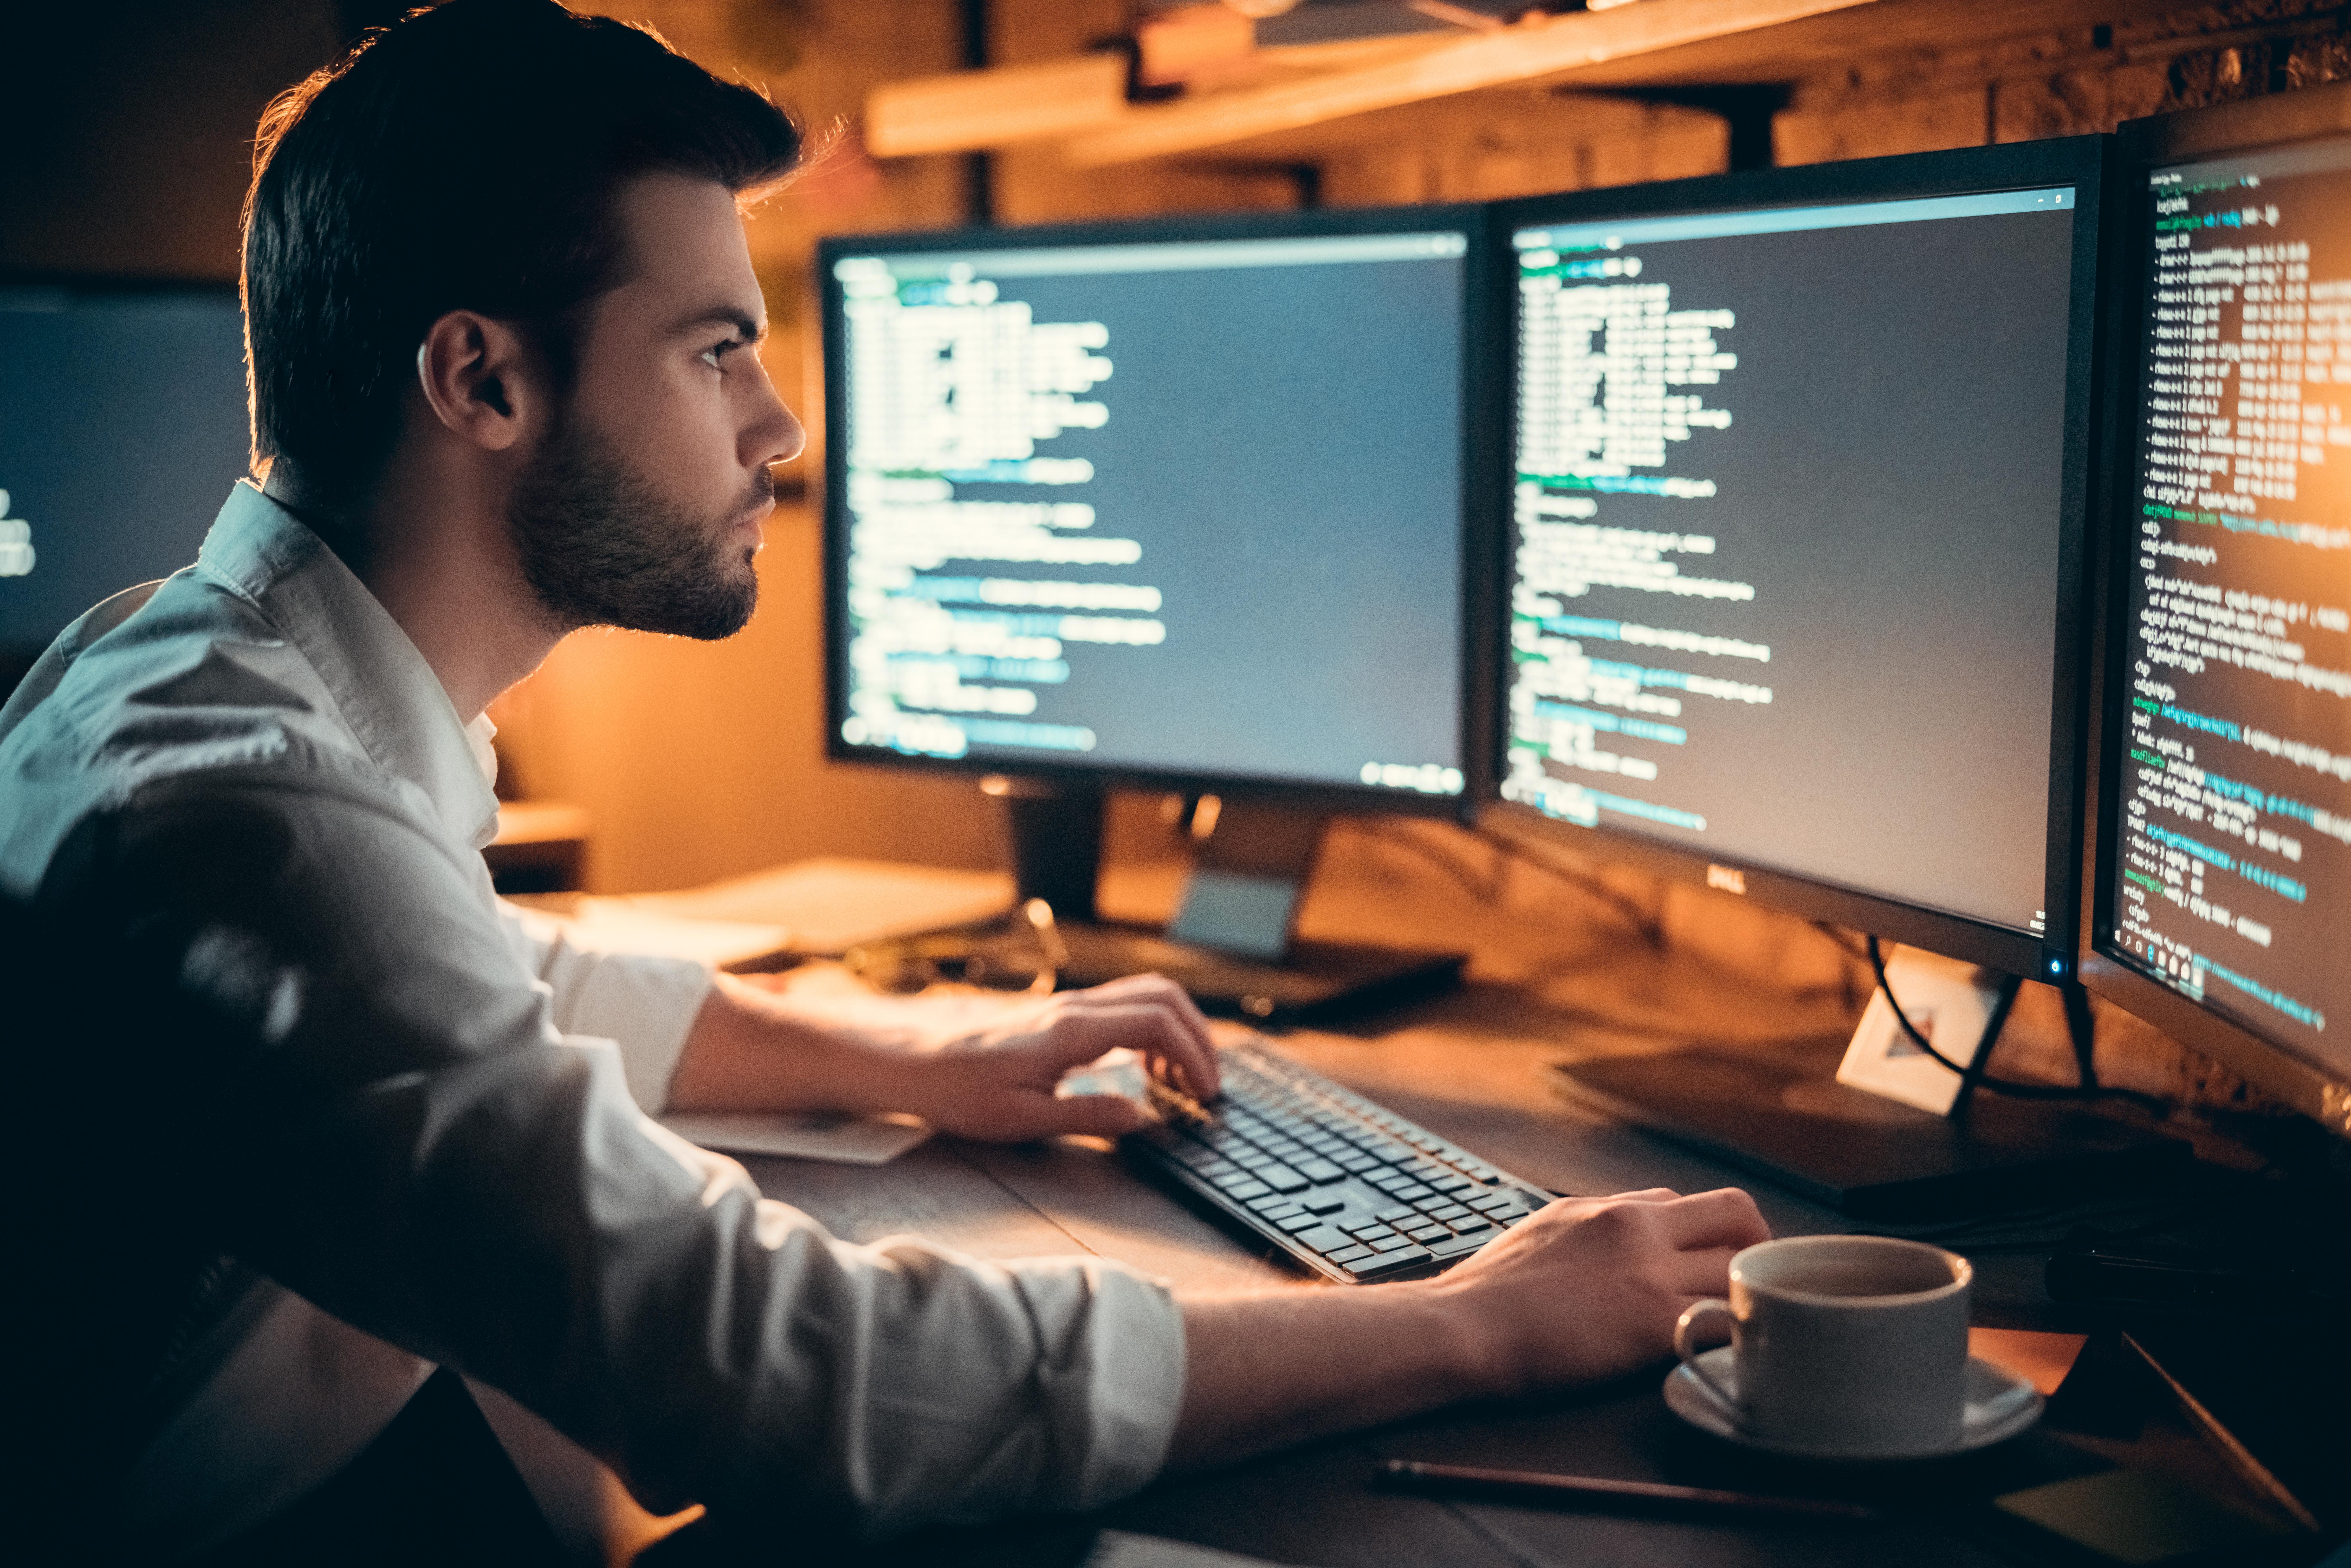 man looking at monitors